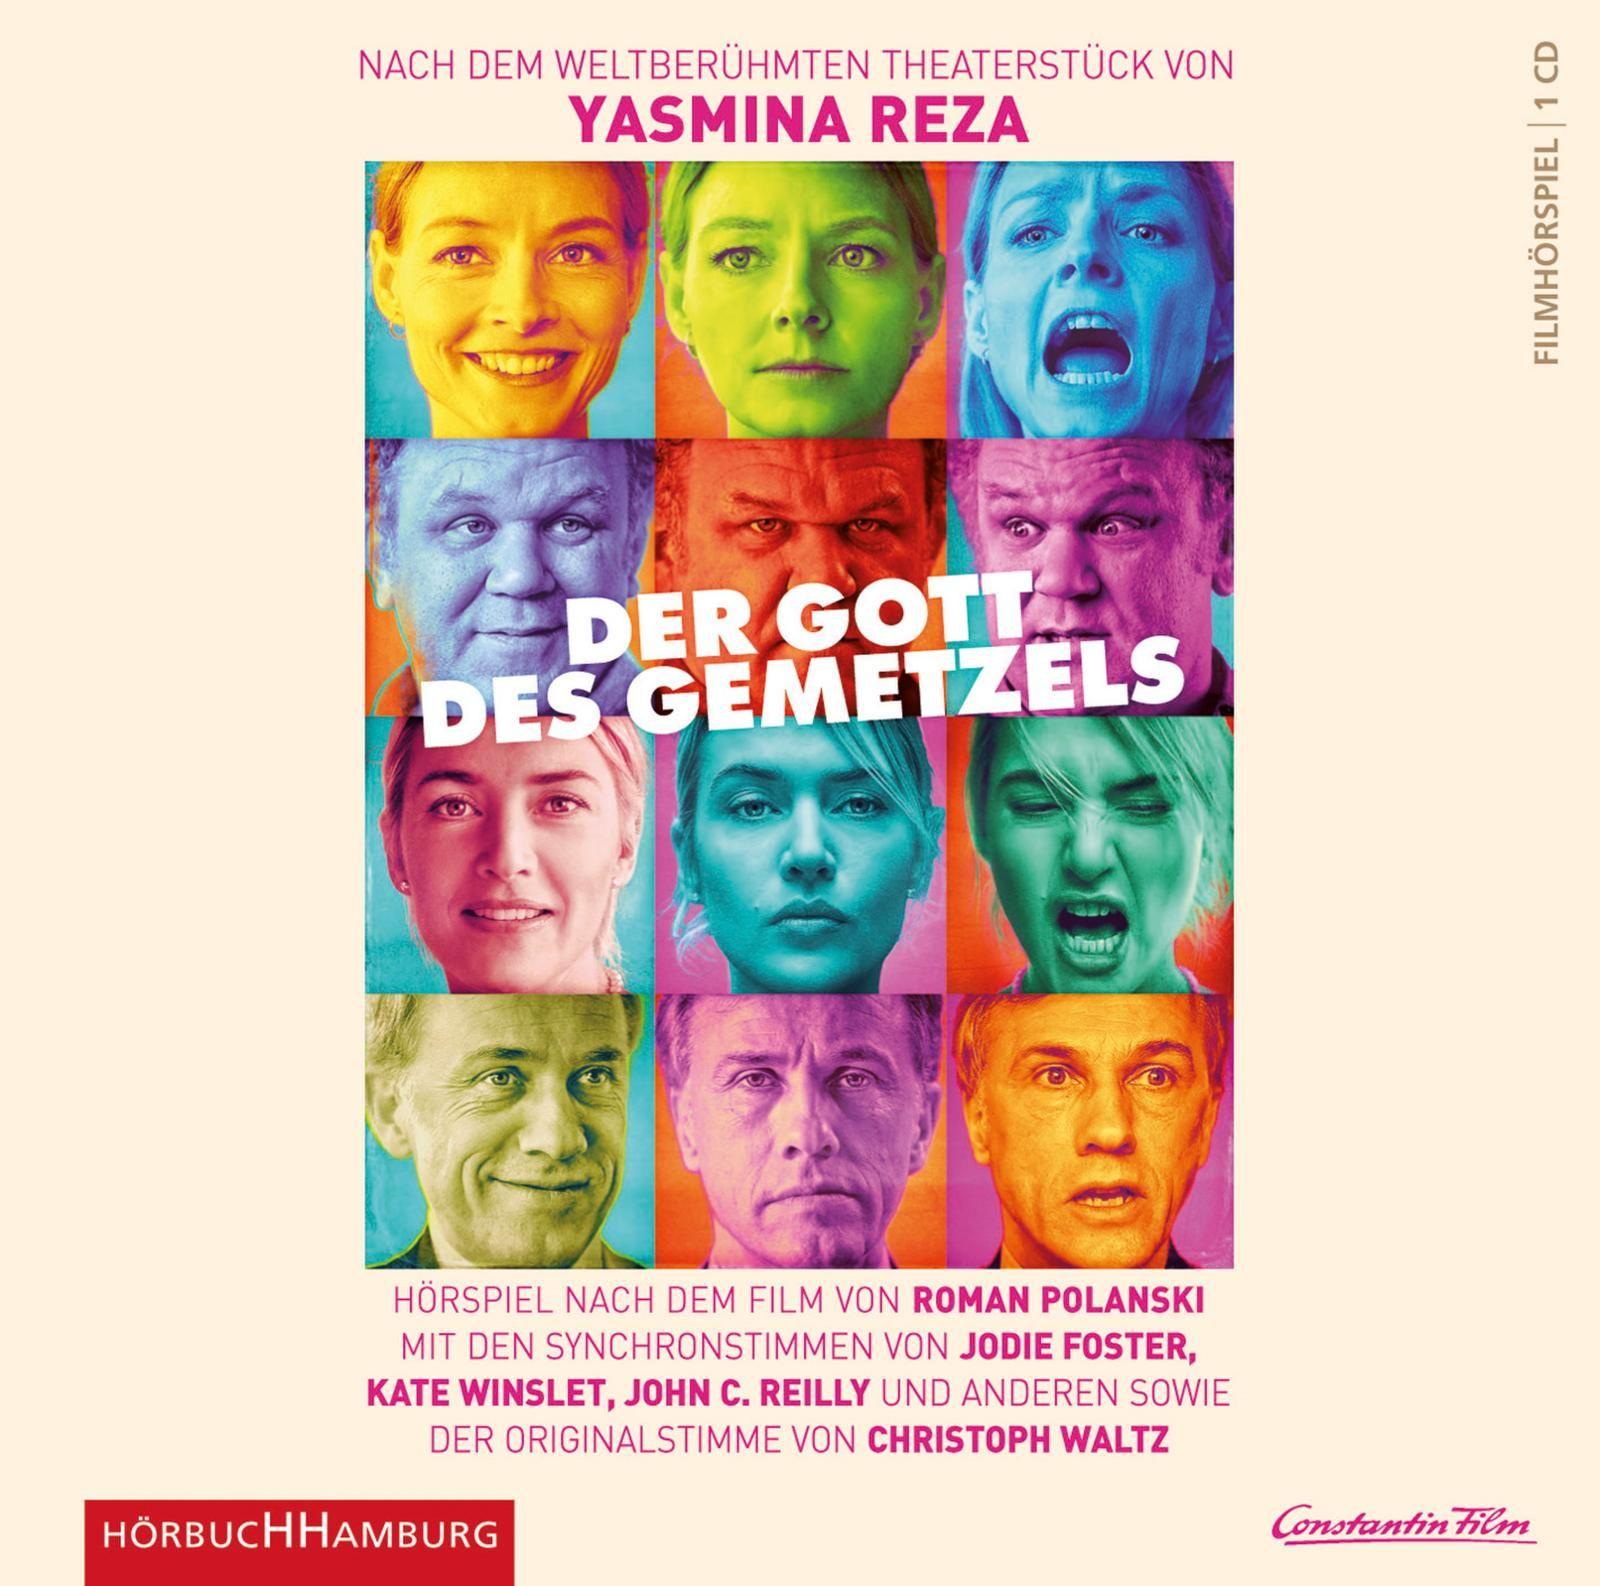 Der Gott des Gemetzels Yasmina Reza